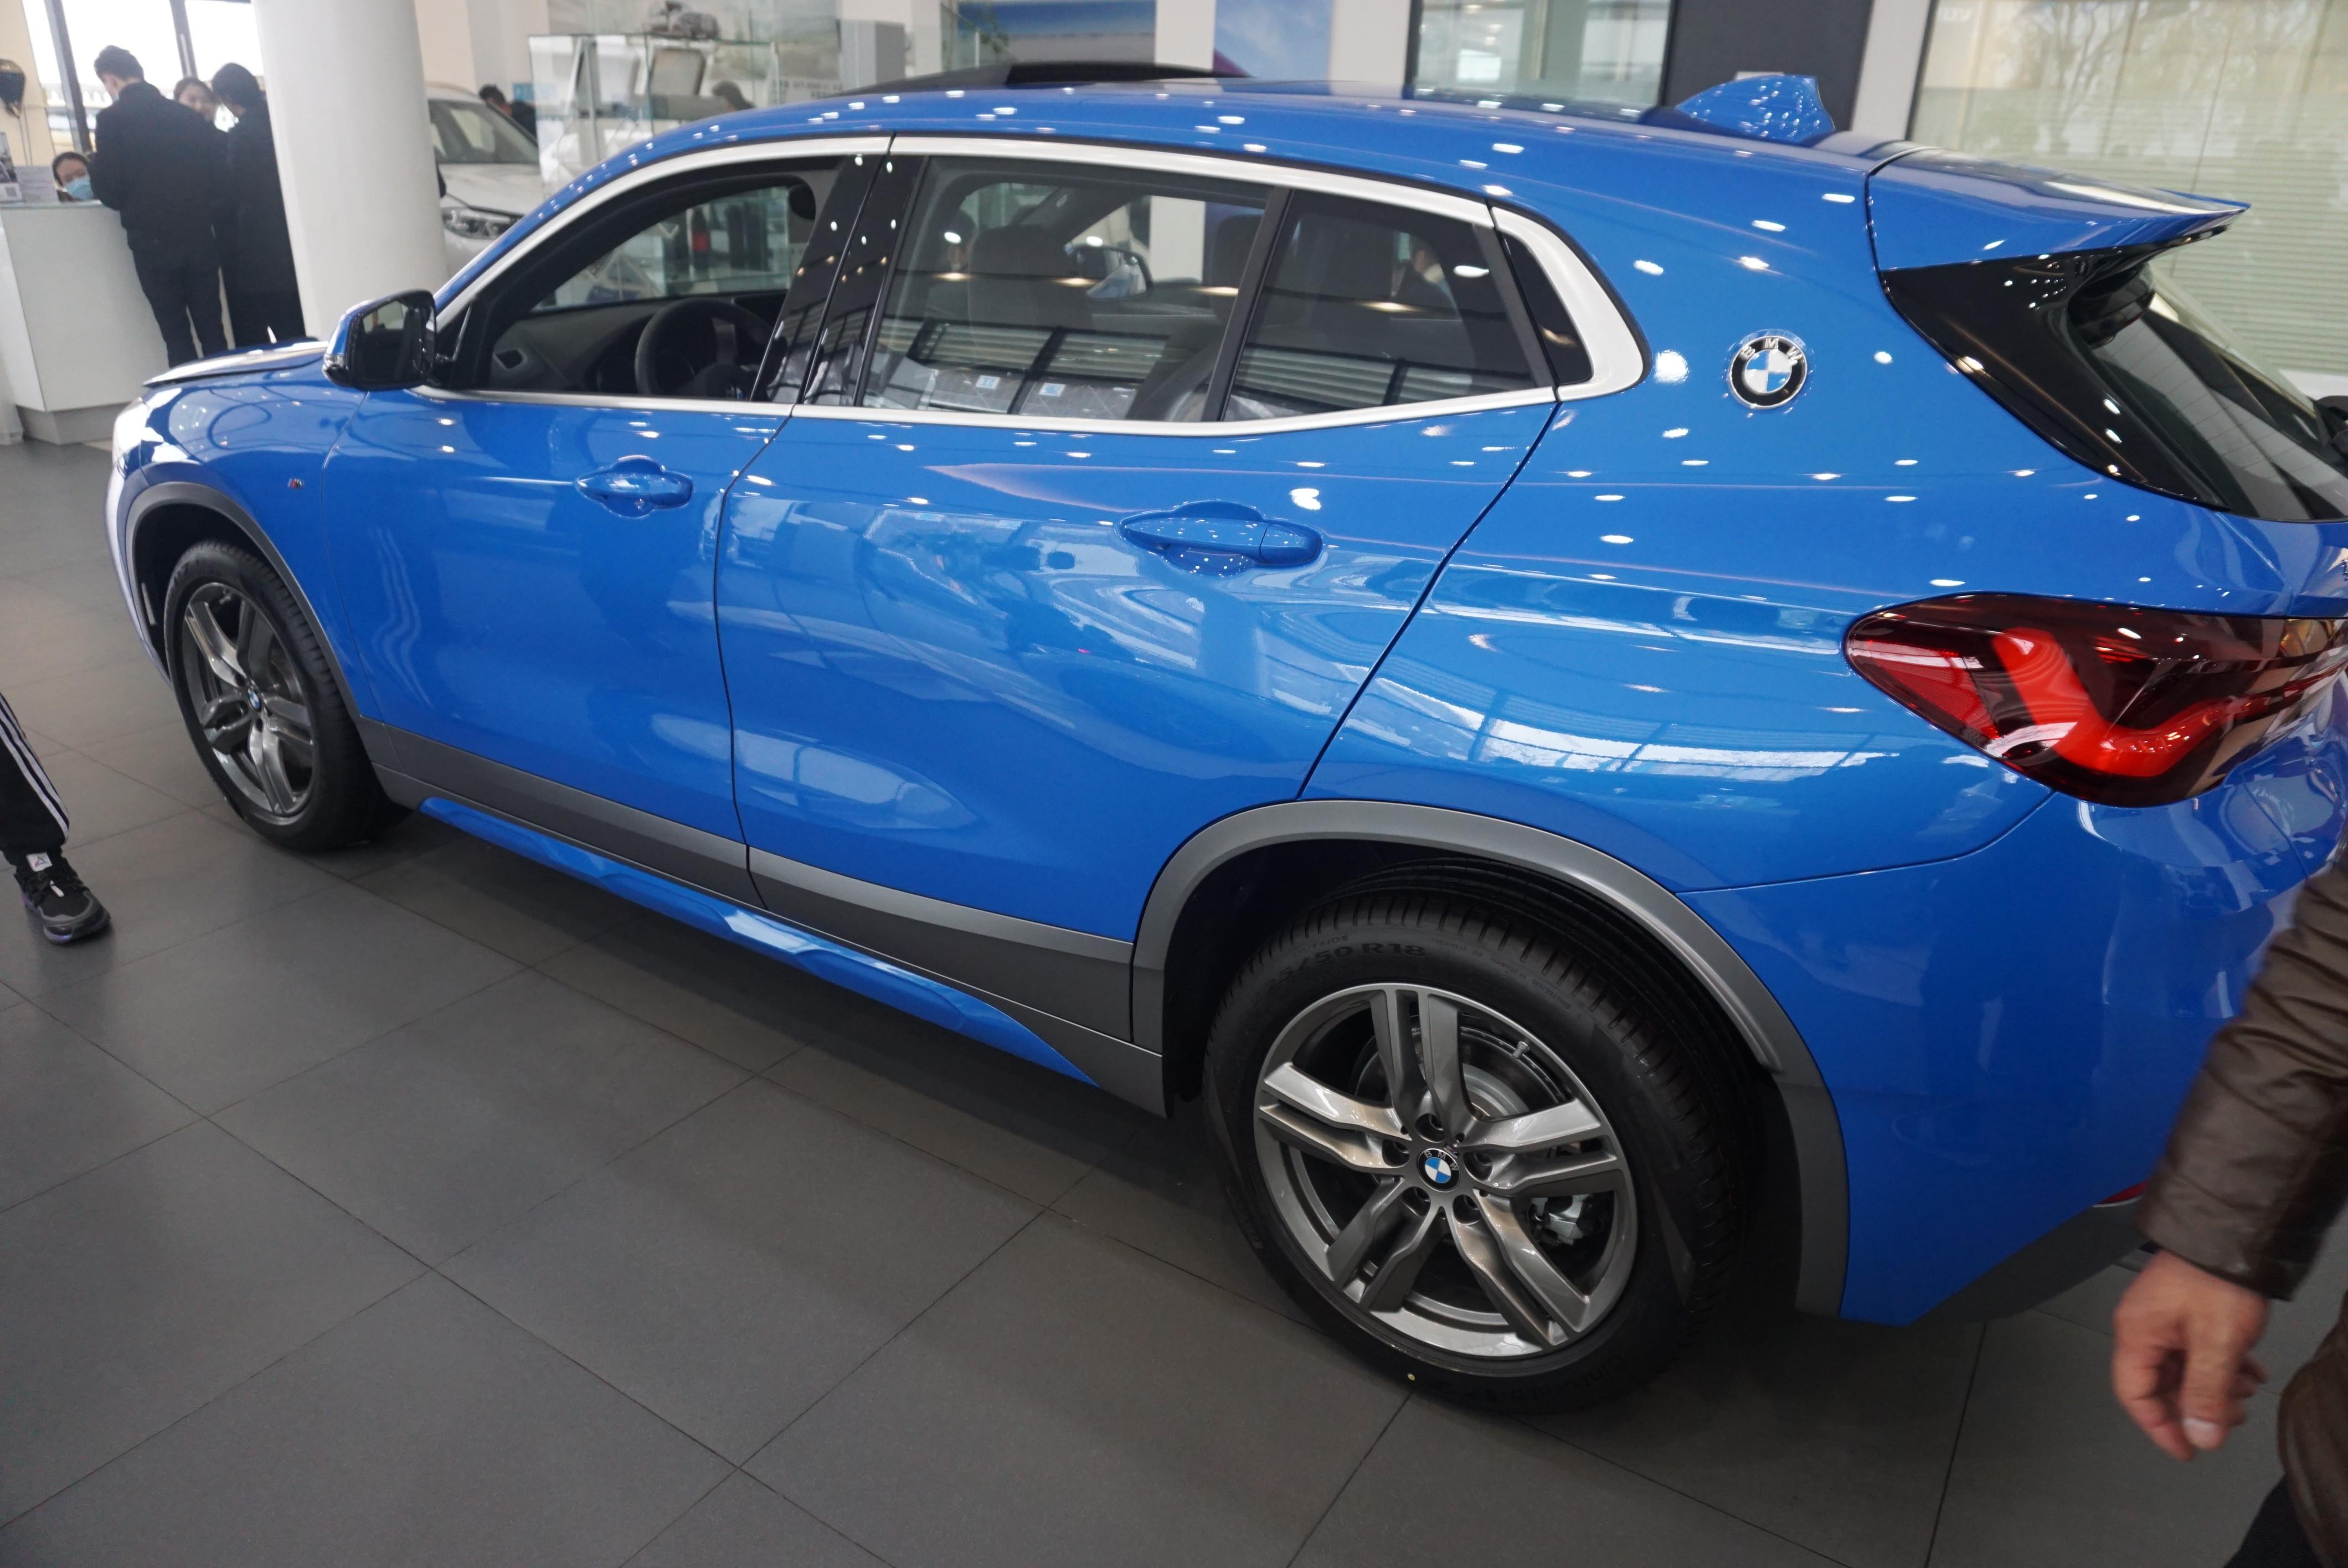 到店實拍新款寶馬X2,藍色很帥氣,入門配倒車影像+電動後備箱-圖4